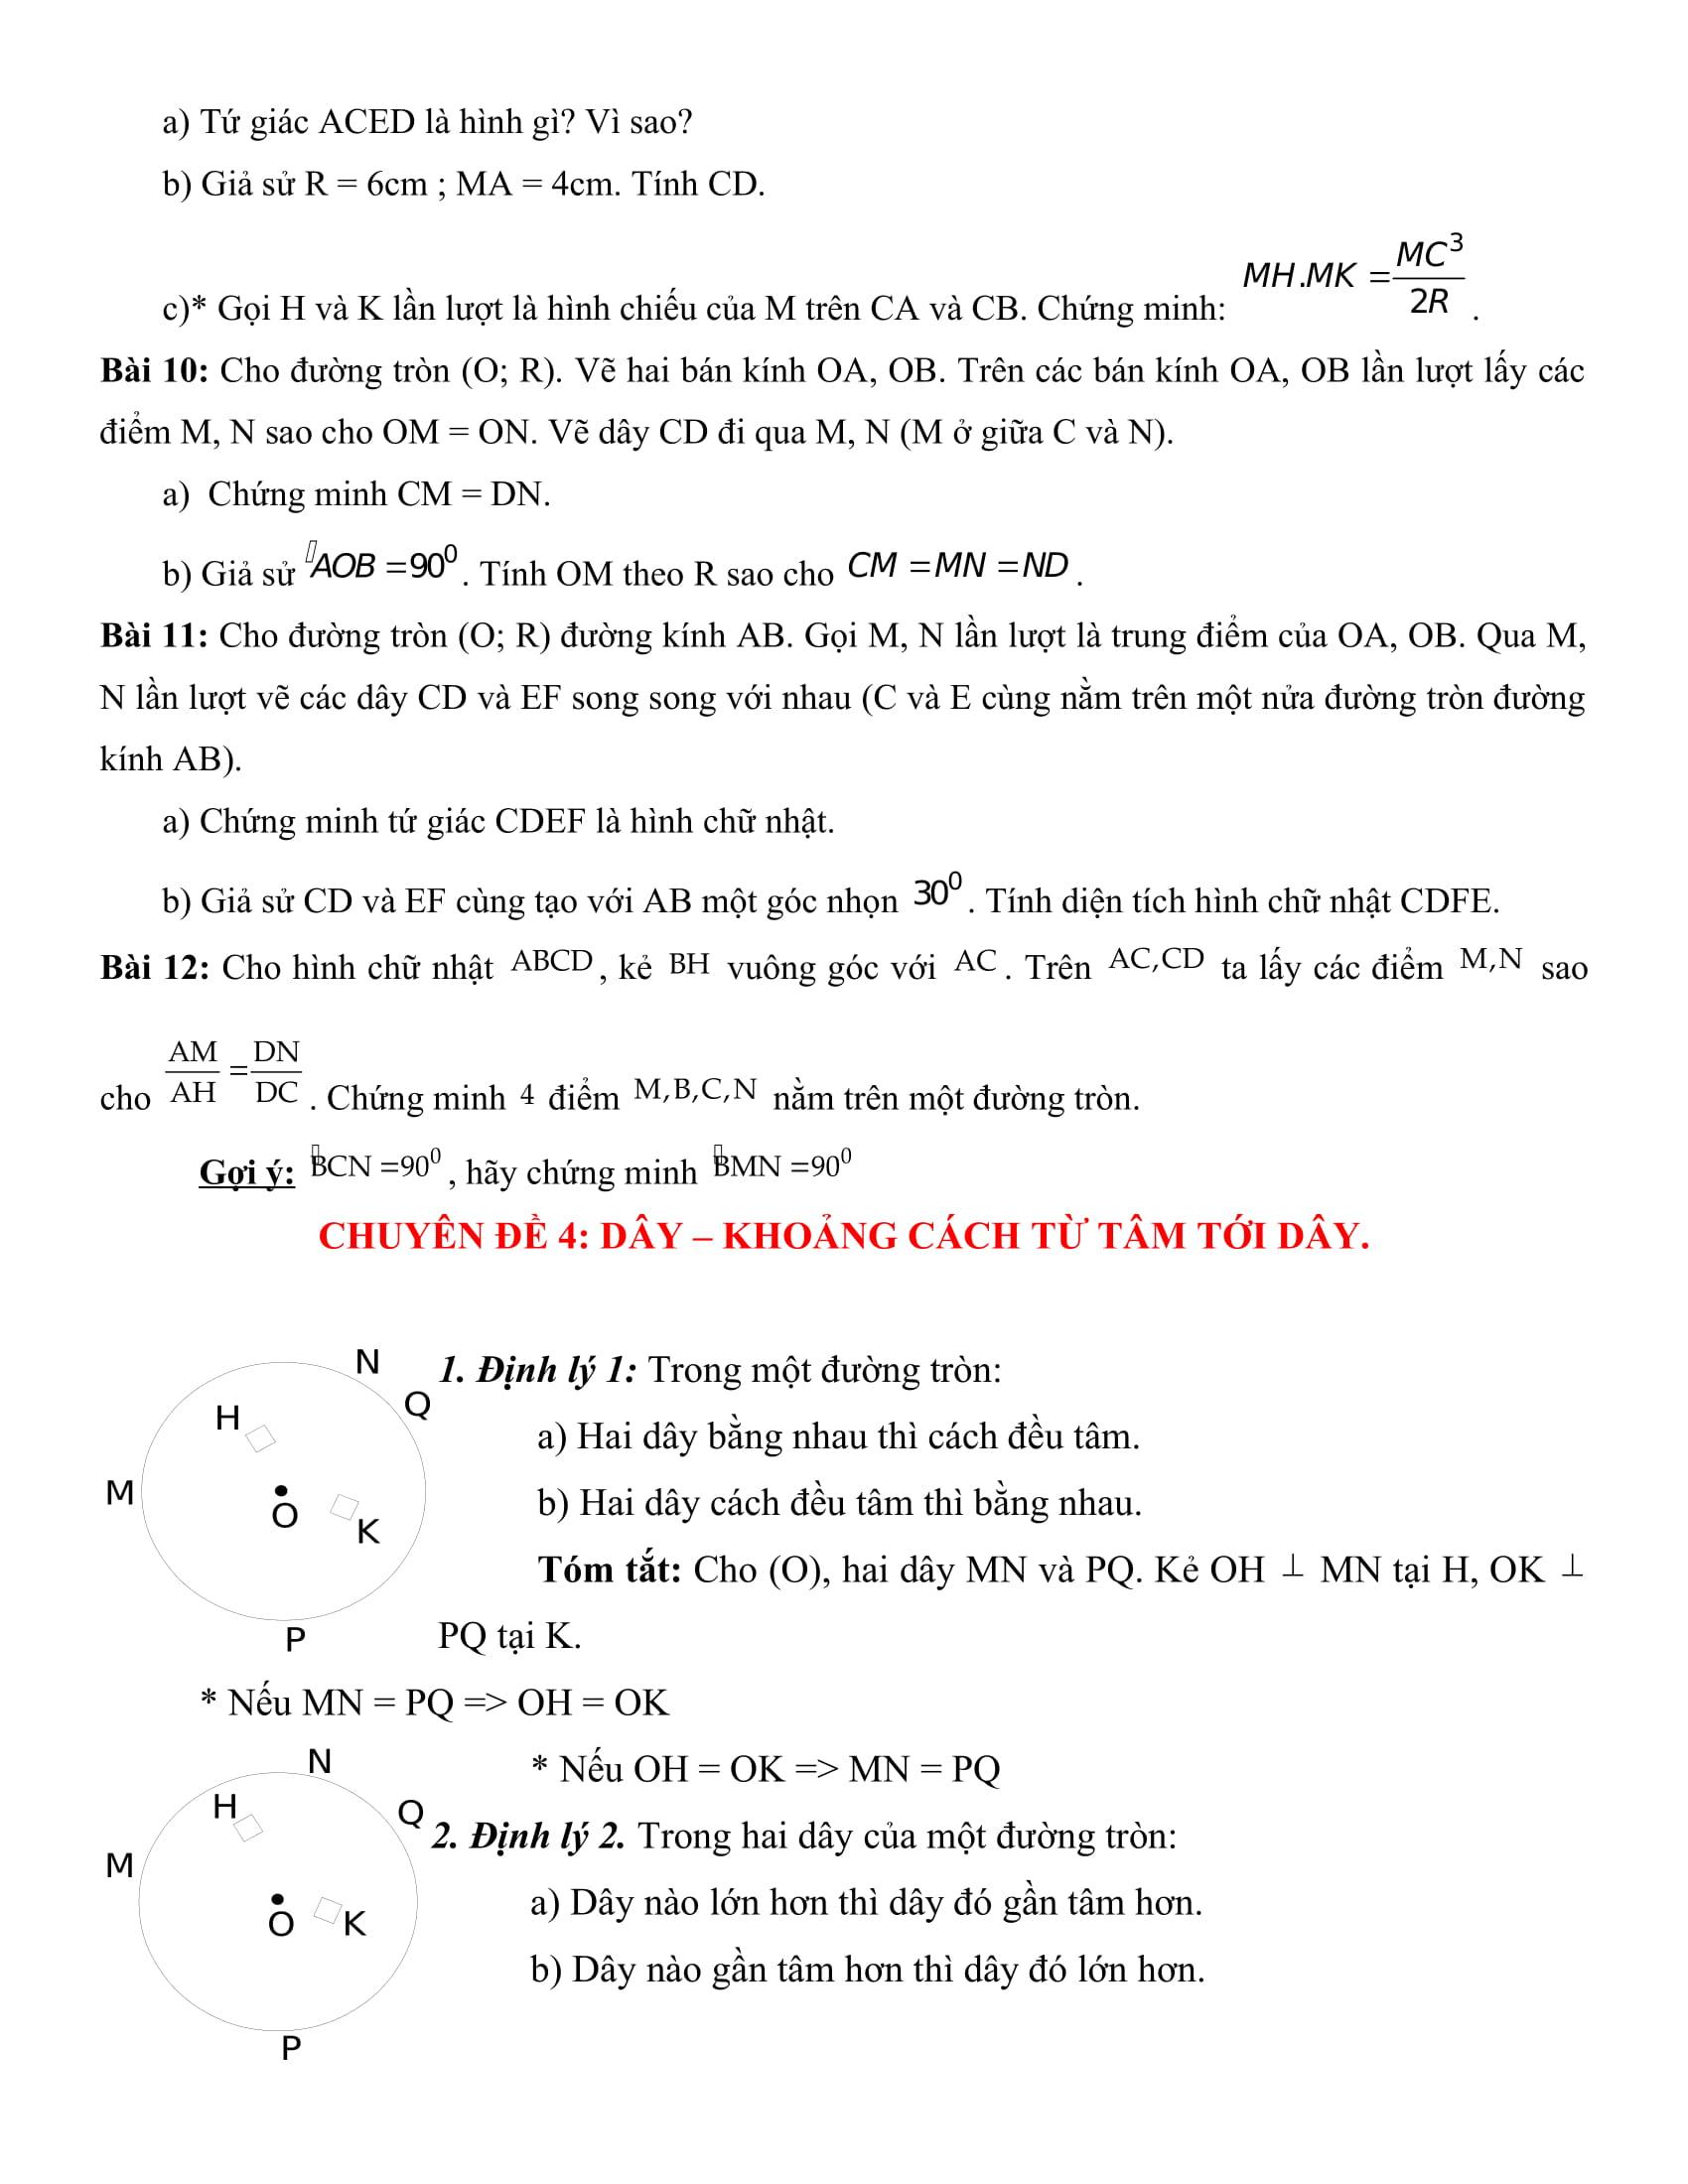 Tất cả bài tập hình tròn - Toán hình 9